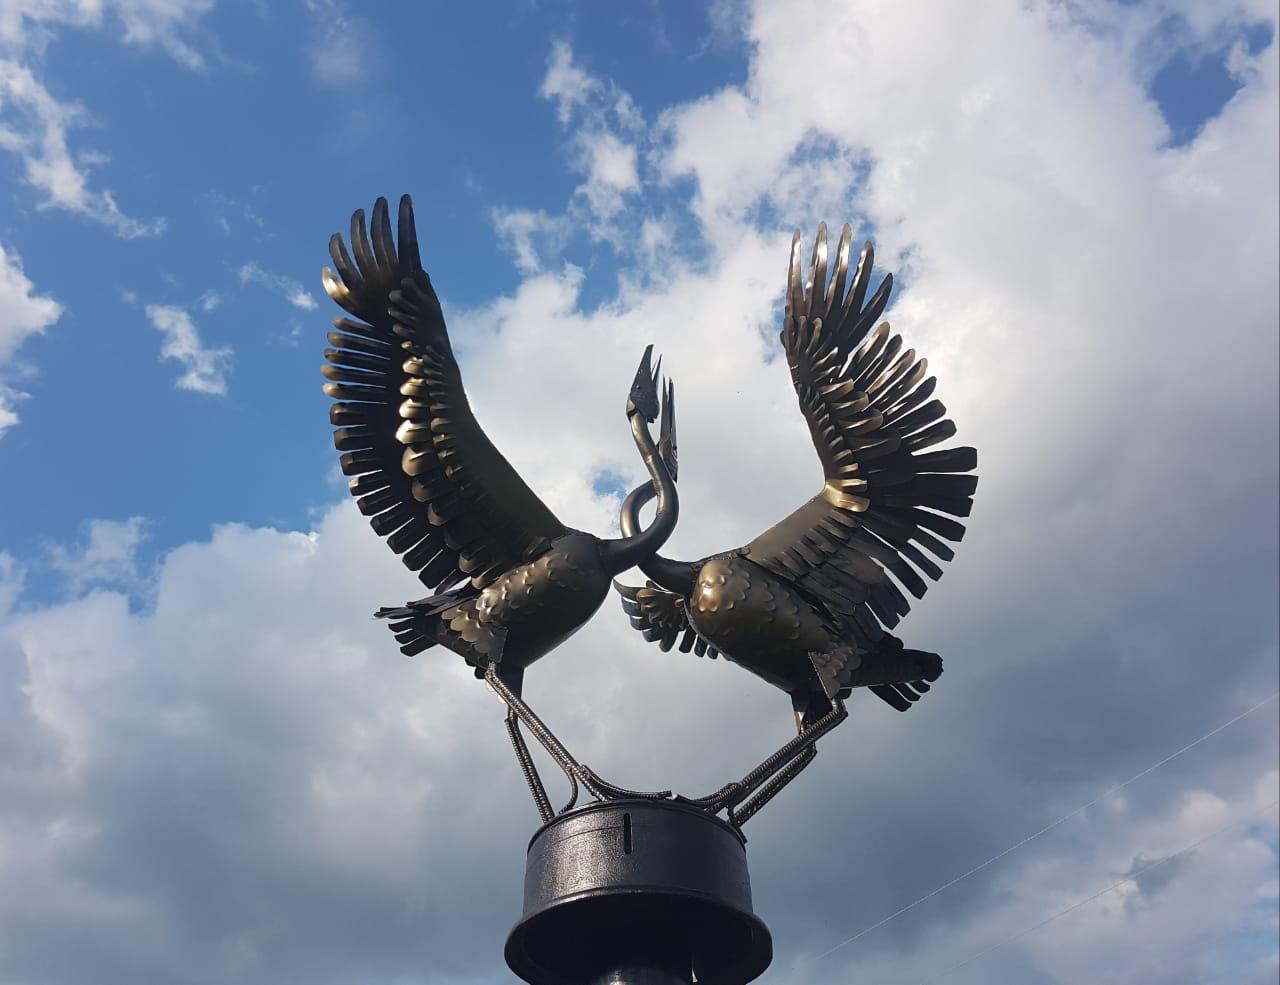 Символ любви к родному краю: Молодые кузнецы создали памятник стерхам на берегу Амги